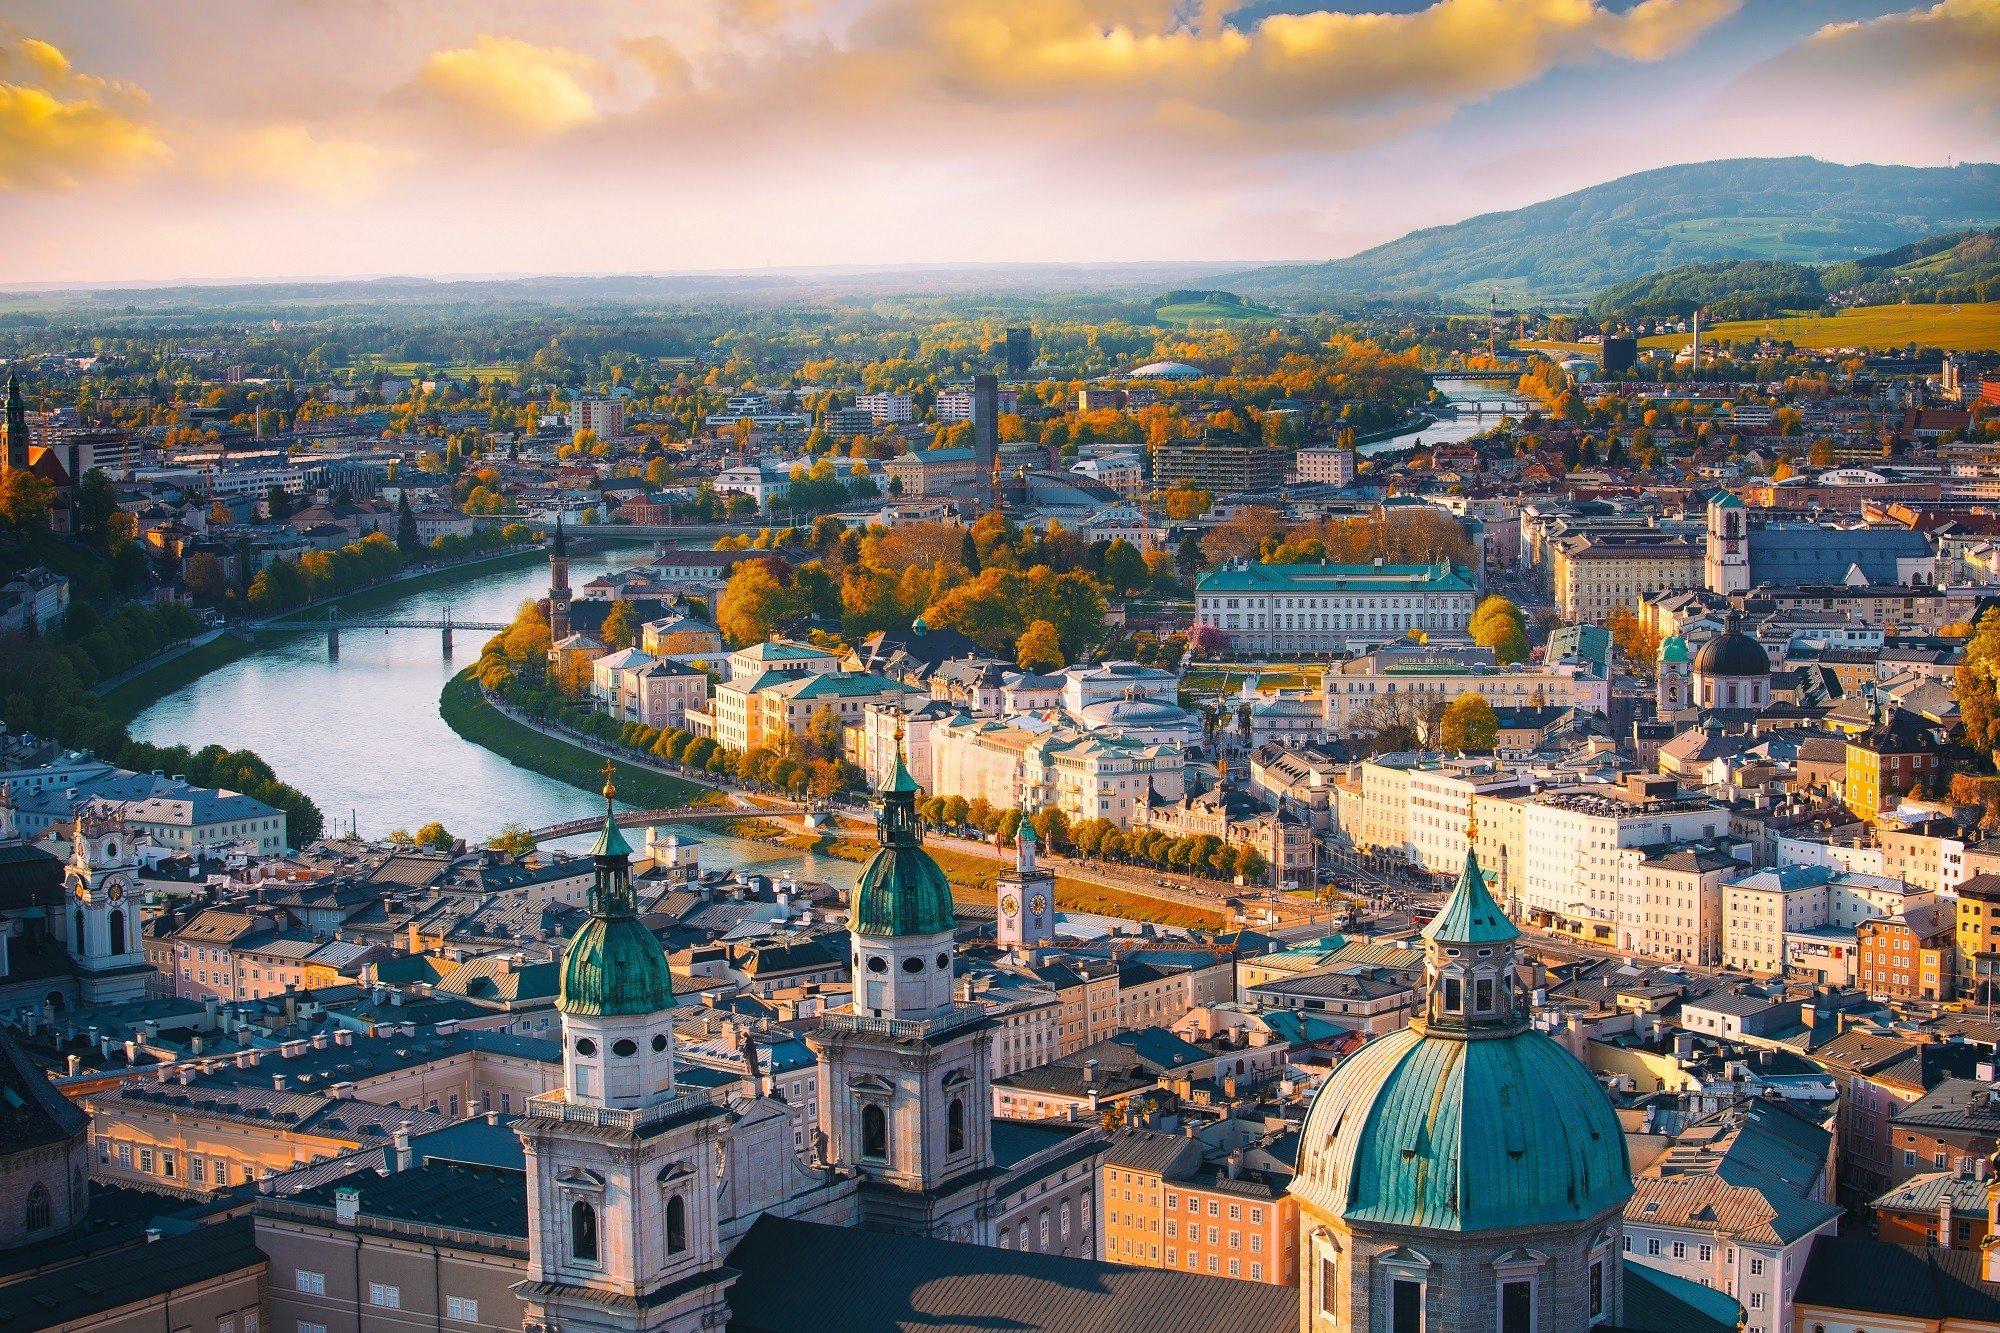 Dagaanbieding - 4*-Stedentrip naar Wenen incl. verblijf in centraal gelegen hotel incl. vlucht dagelijkse koopjes